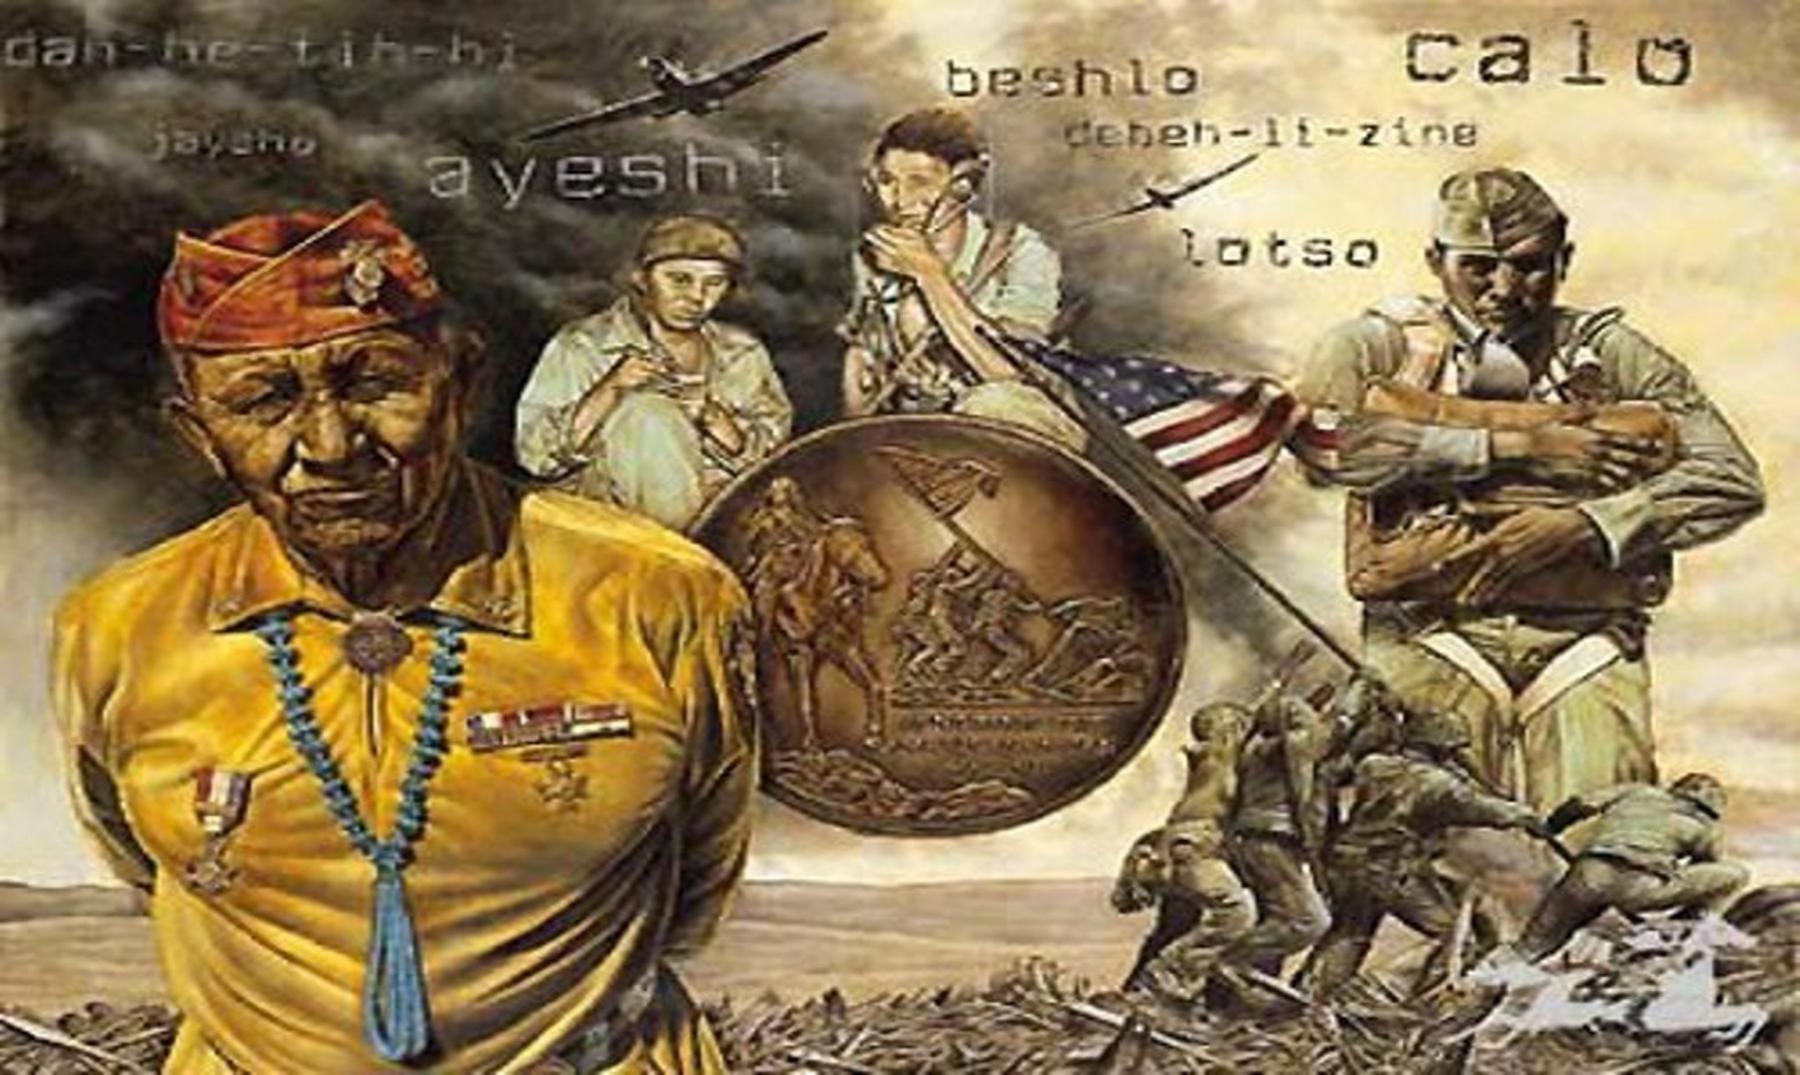 Héroes anónimos: El código navajo en la Segunda Guerra Mundial